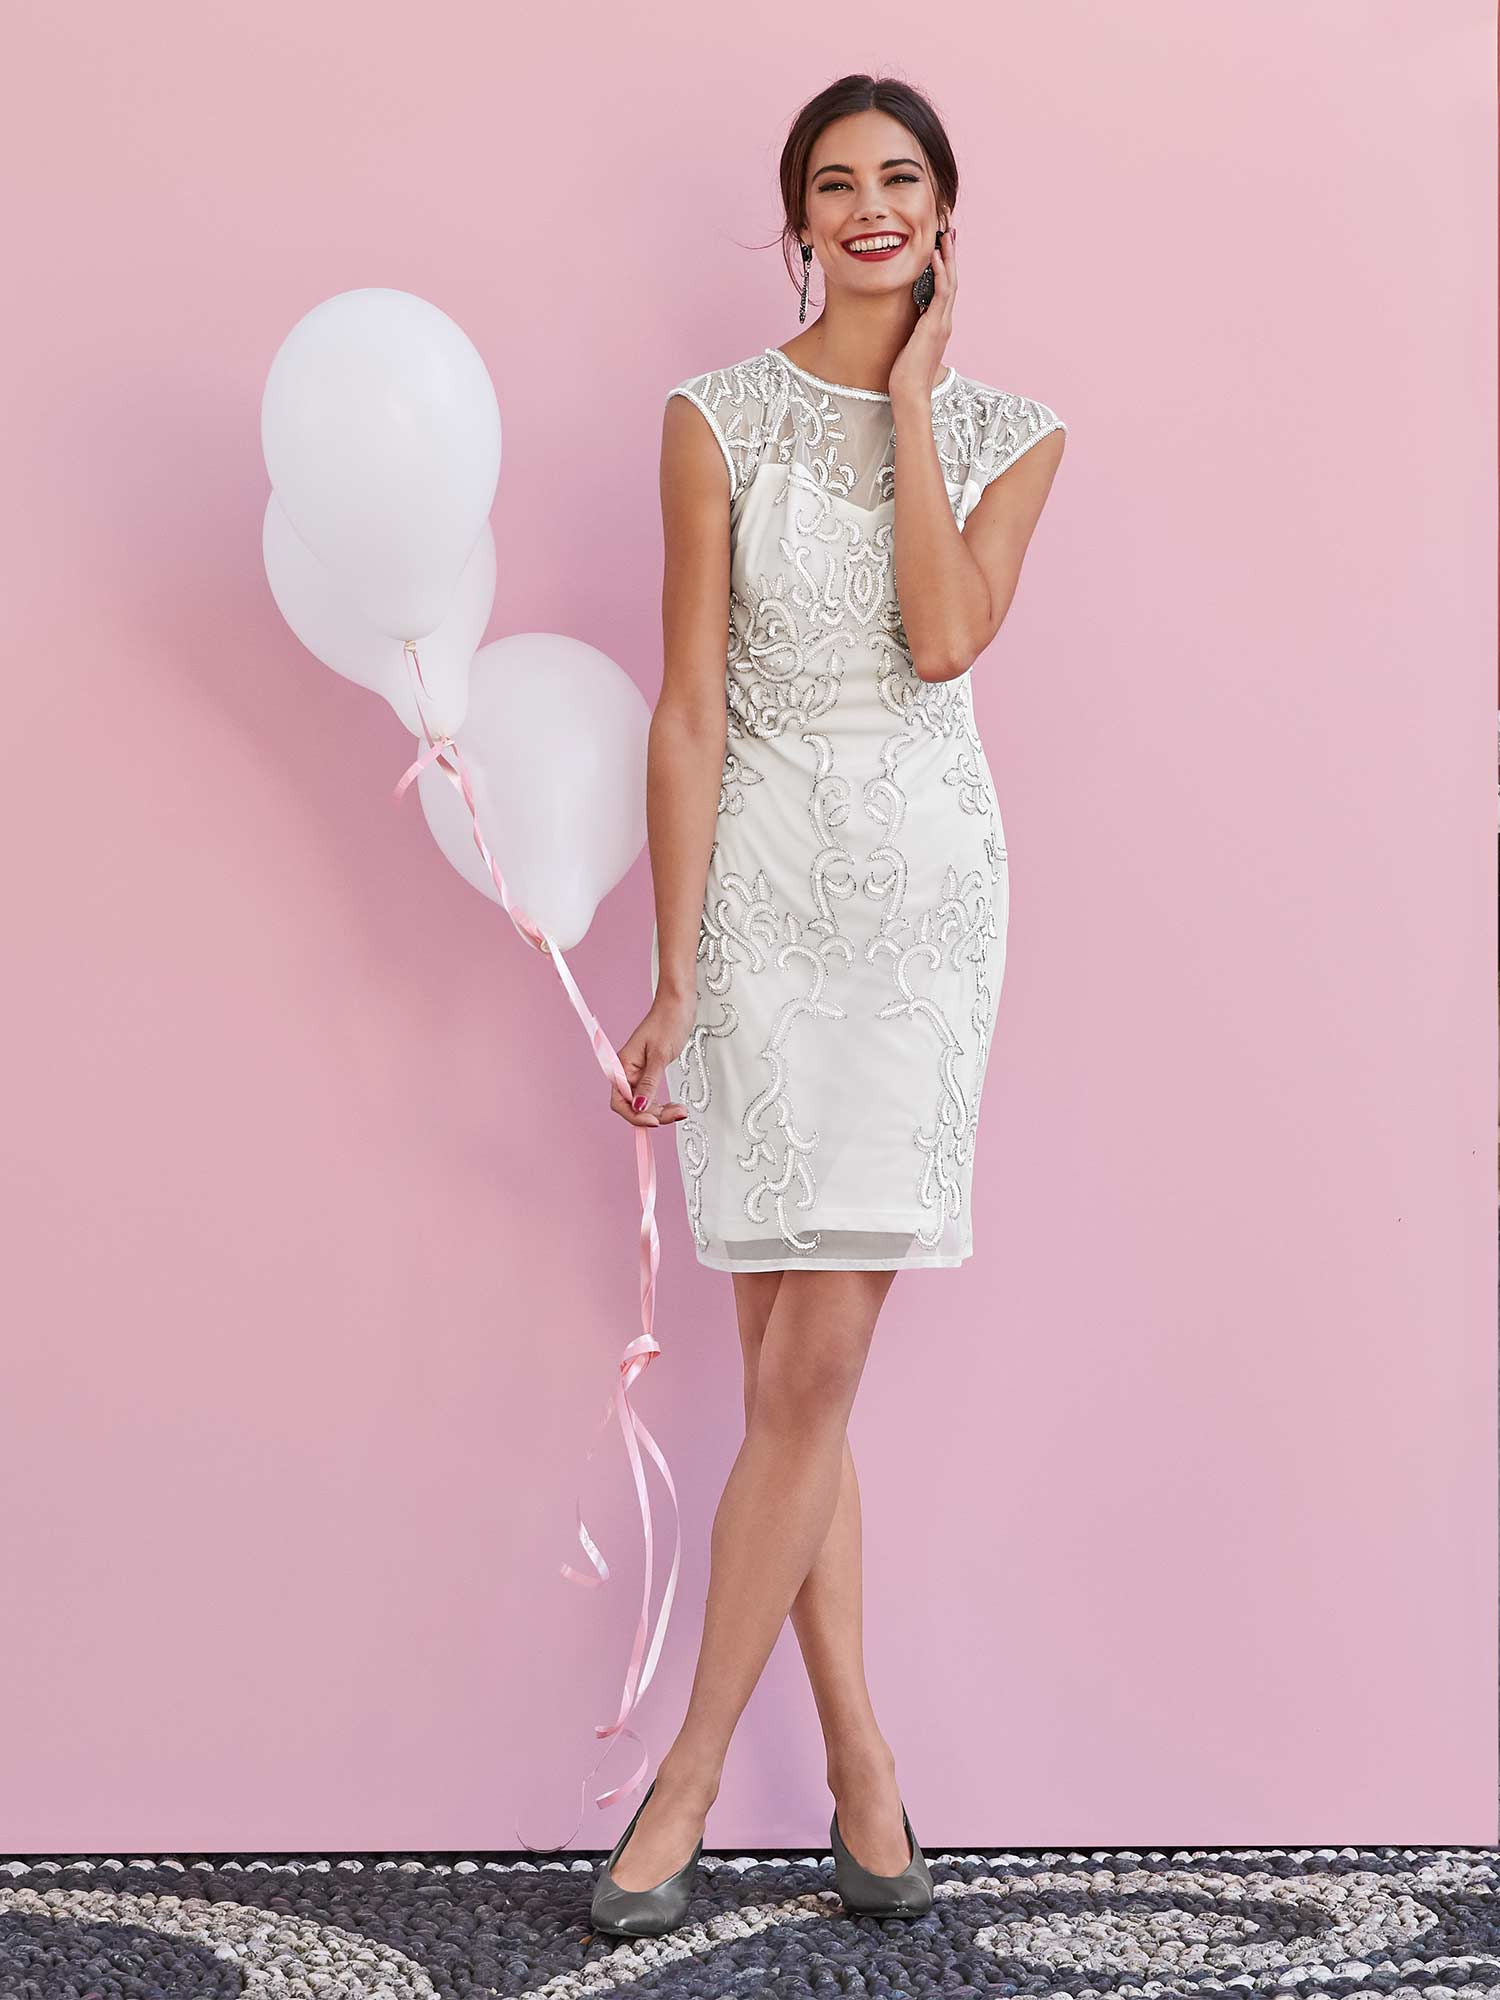 17 Leicht Kleid Pink Hochzeit Bester PreisDesigner Kreativ Kleid Pink Hochzeit Ärmel